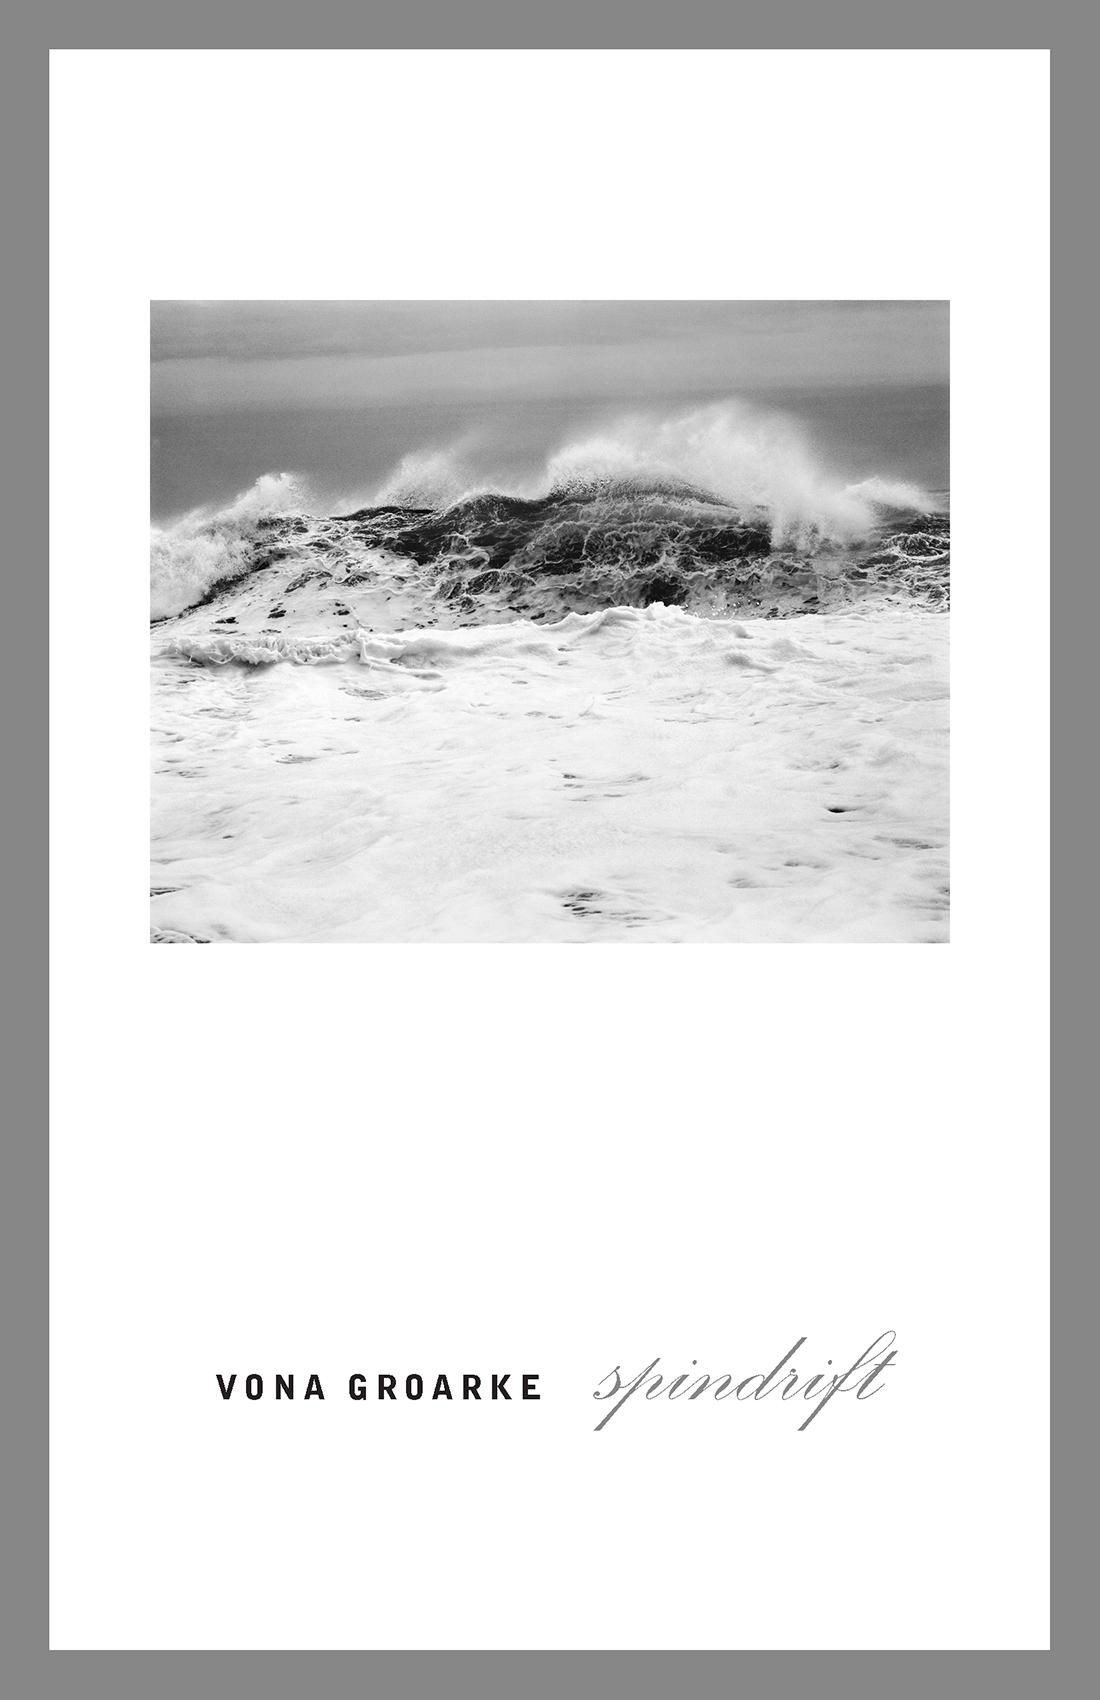 Groarke | Spindrift paperback